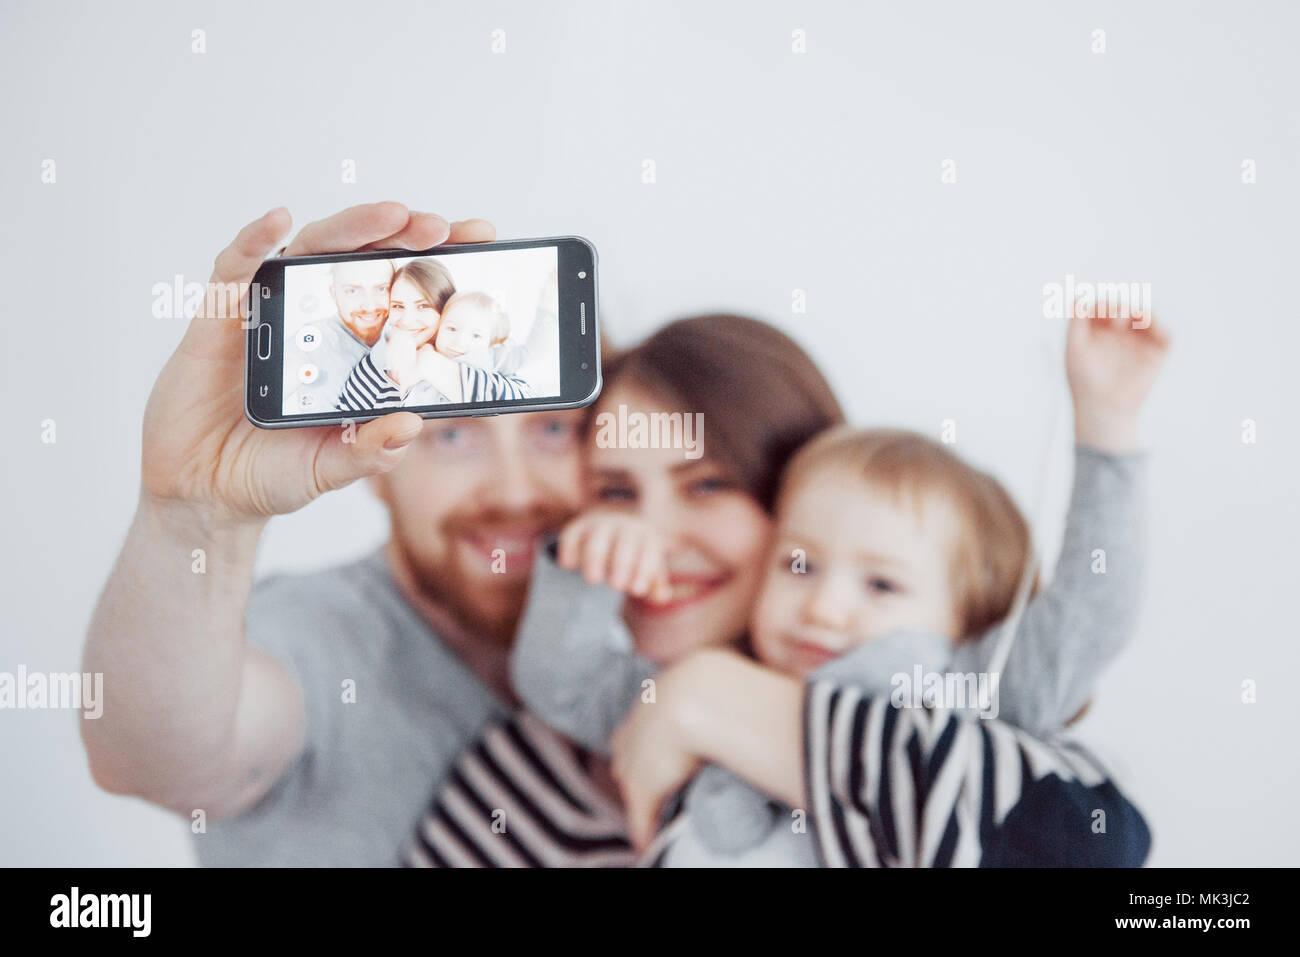 Familia, vacaciones, tecnología y personas - sonriendo por la madre, el padre y la niña haciendo selfie con cámara sobre fondo blanco. Imagen De Stock